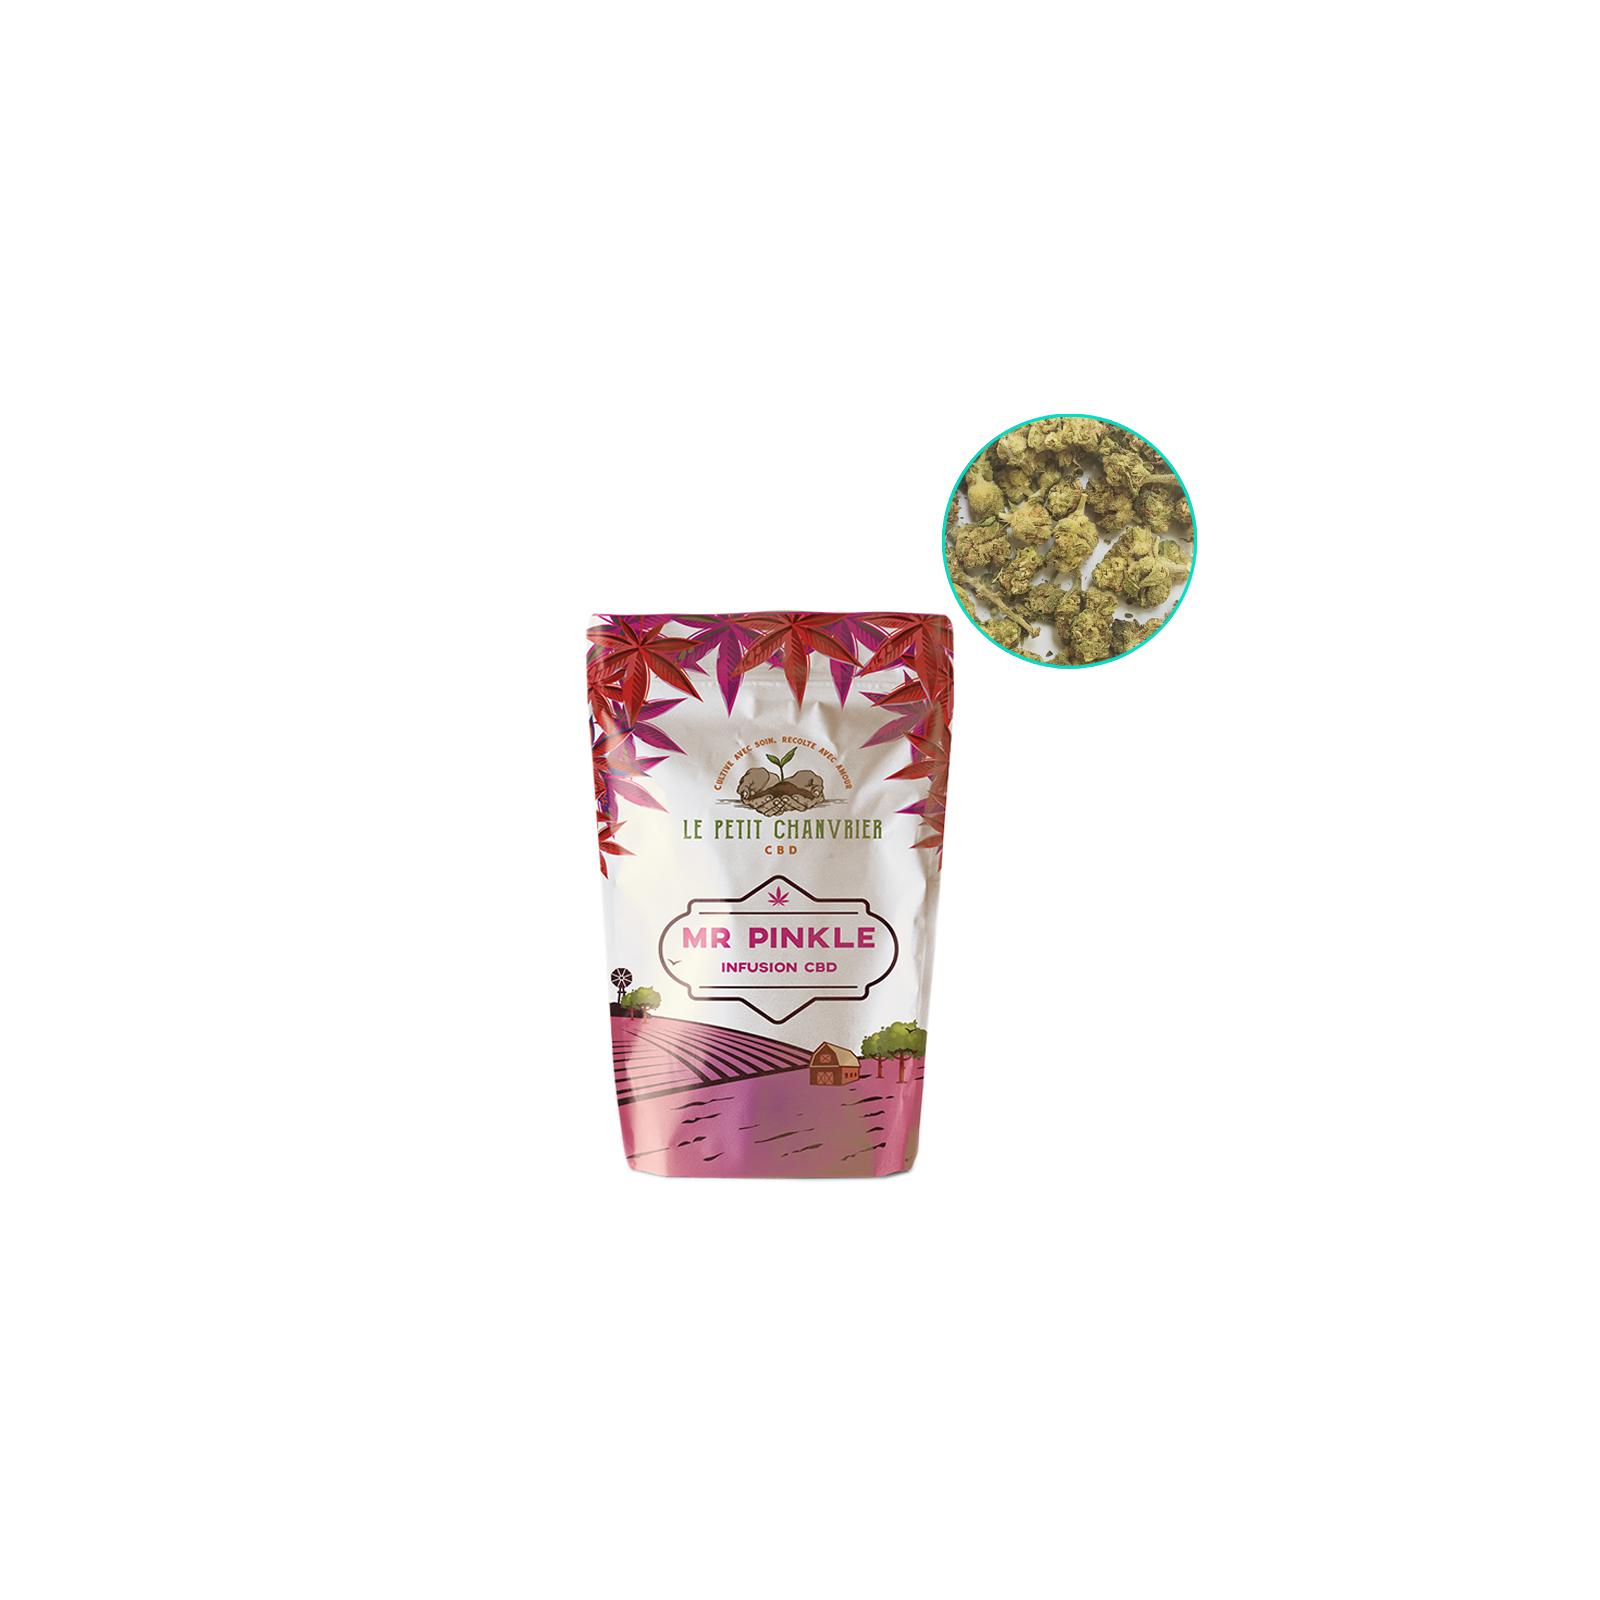 """Fleur de CBD """"Mr Pinkle"""" - Le Petit Chanvrier"""